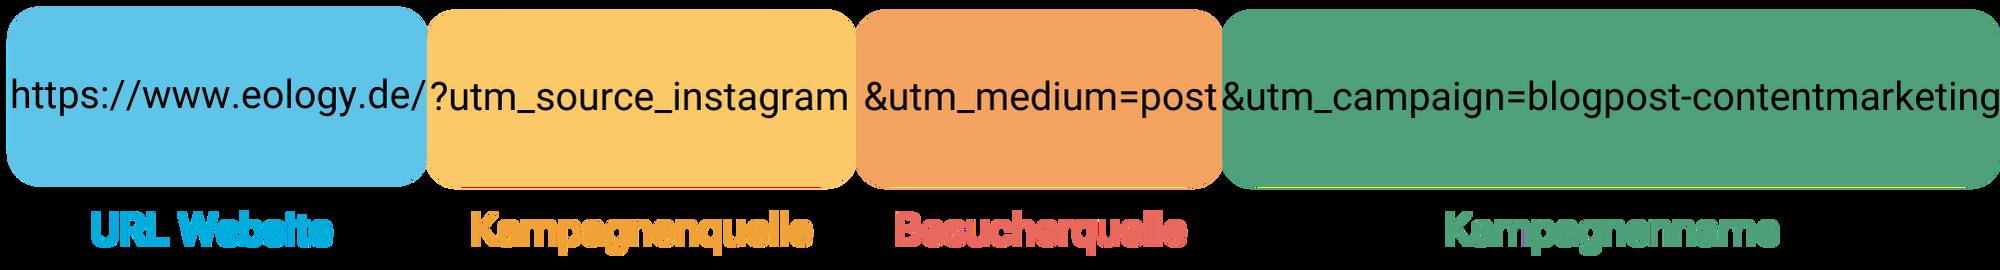 Die Grafik zeigt den Aufbau eines Links mit UTM Parameter. Zu Beginn des Links steht die Website URL. In diesem Fall: https://www.eology.de/. Darauf folgt die Kampagnenquelle mit ?utm_source_instagram. Anschließend wird die Besucherquelle genannt mit &utm_medium=post. Zum Schluss kommt der Kampagnenname. In diesem Fall &utm_campaign=blogpost-contentmarketing